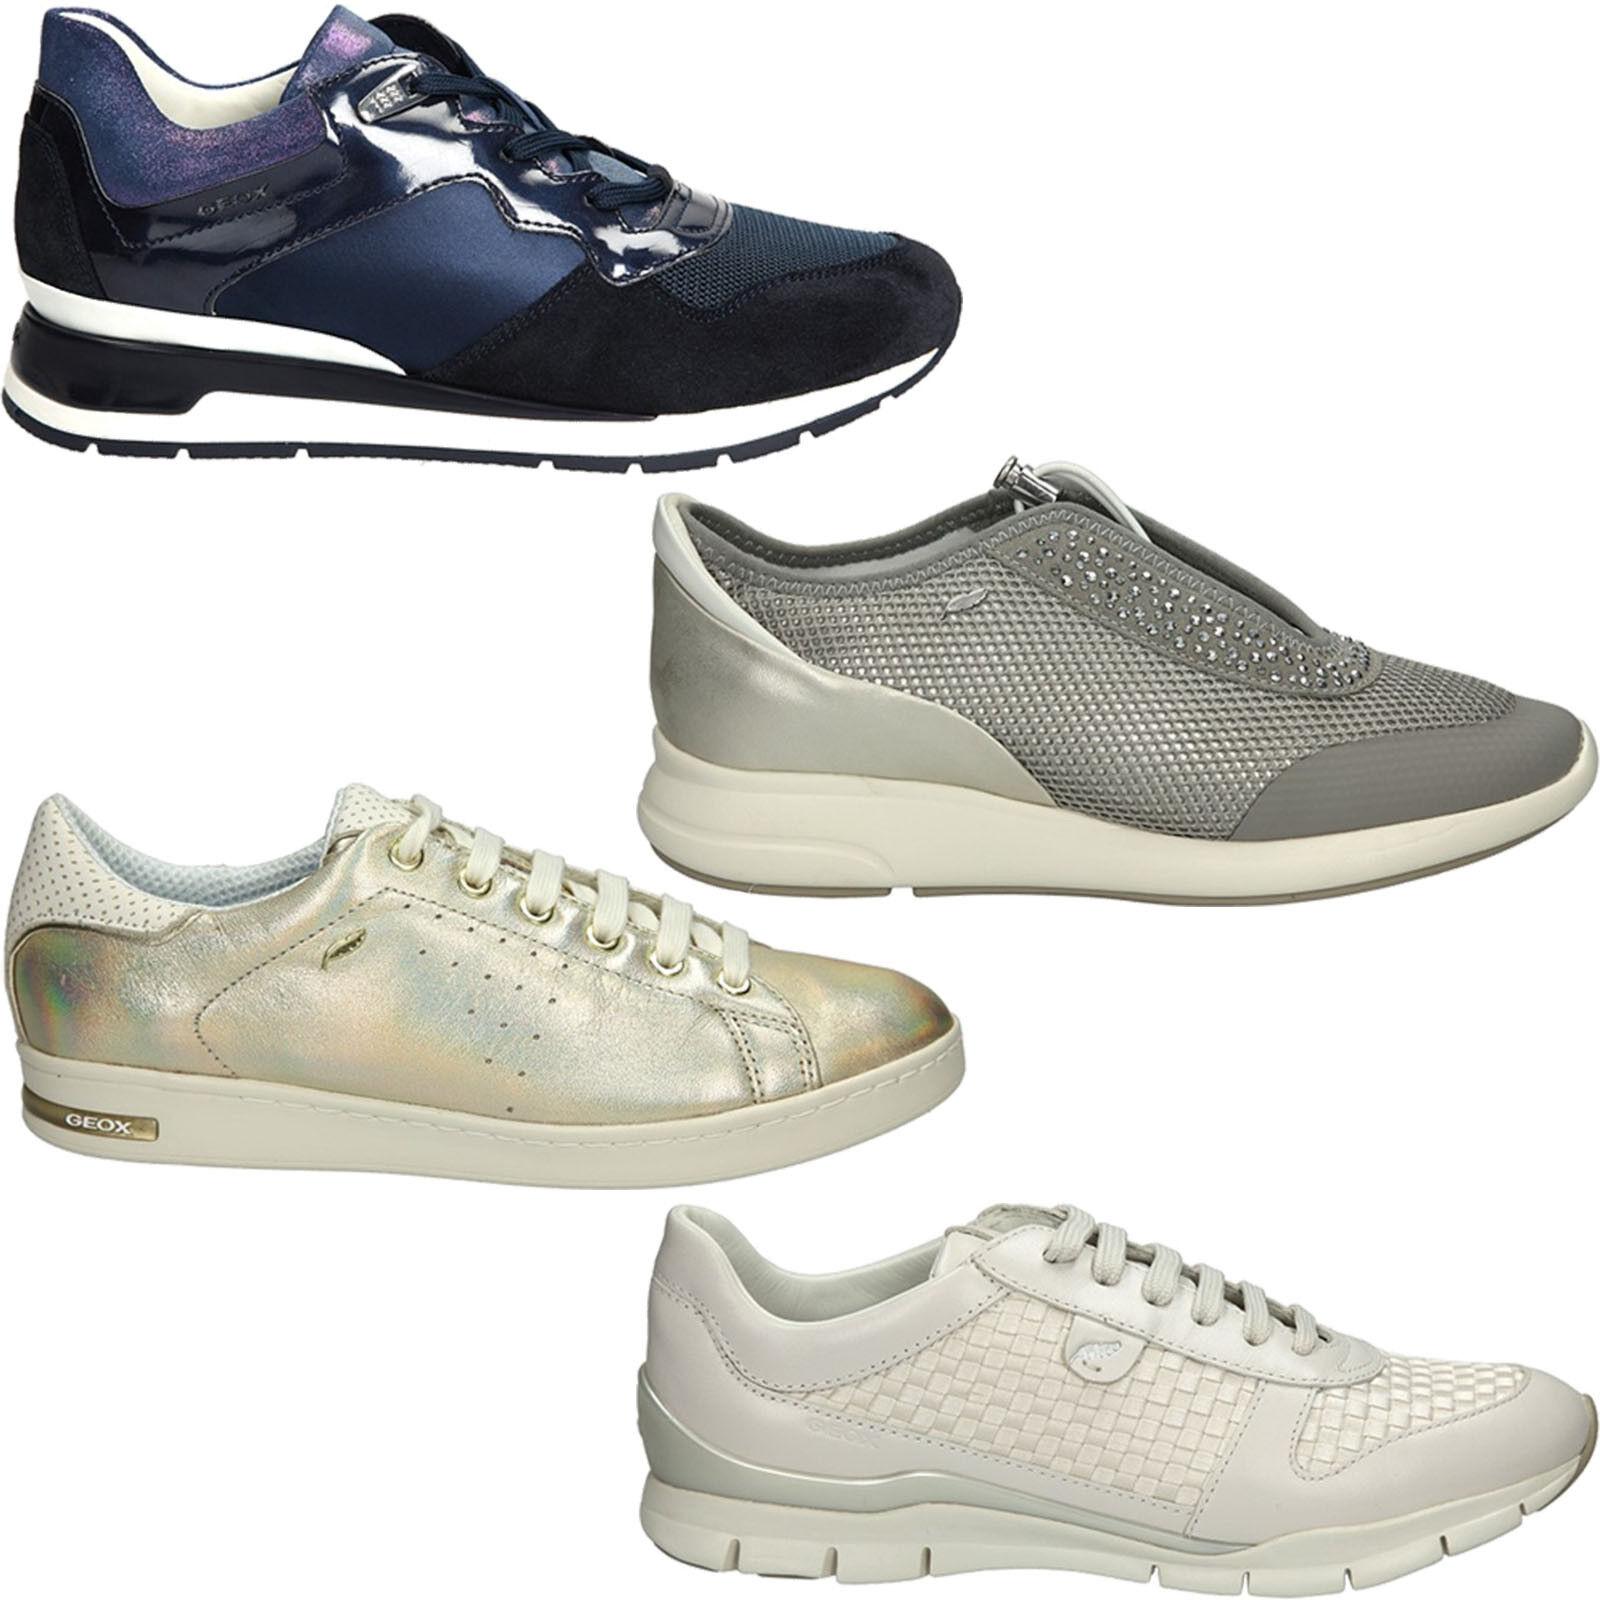 Zapatos señora zapatos deportivos GEOX, schnürzapatos cómodo durante todo el año nuevo